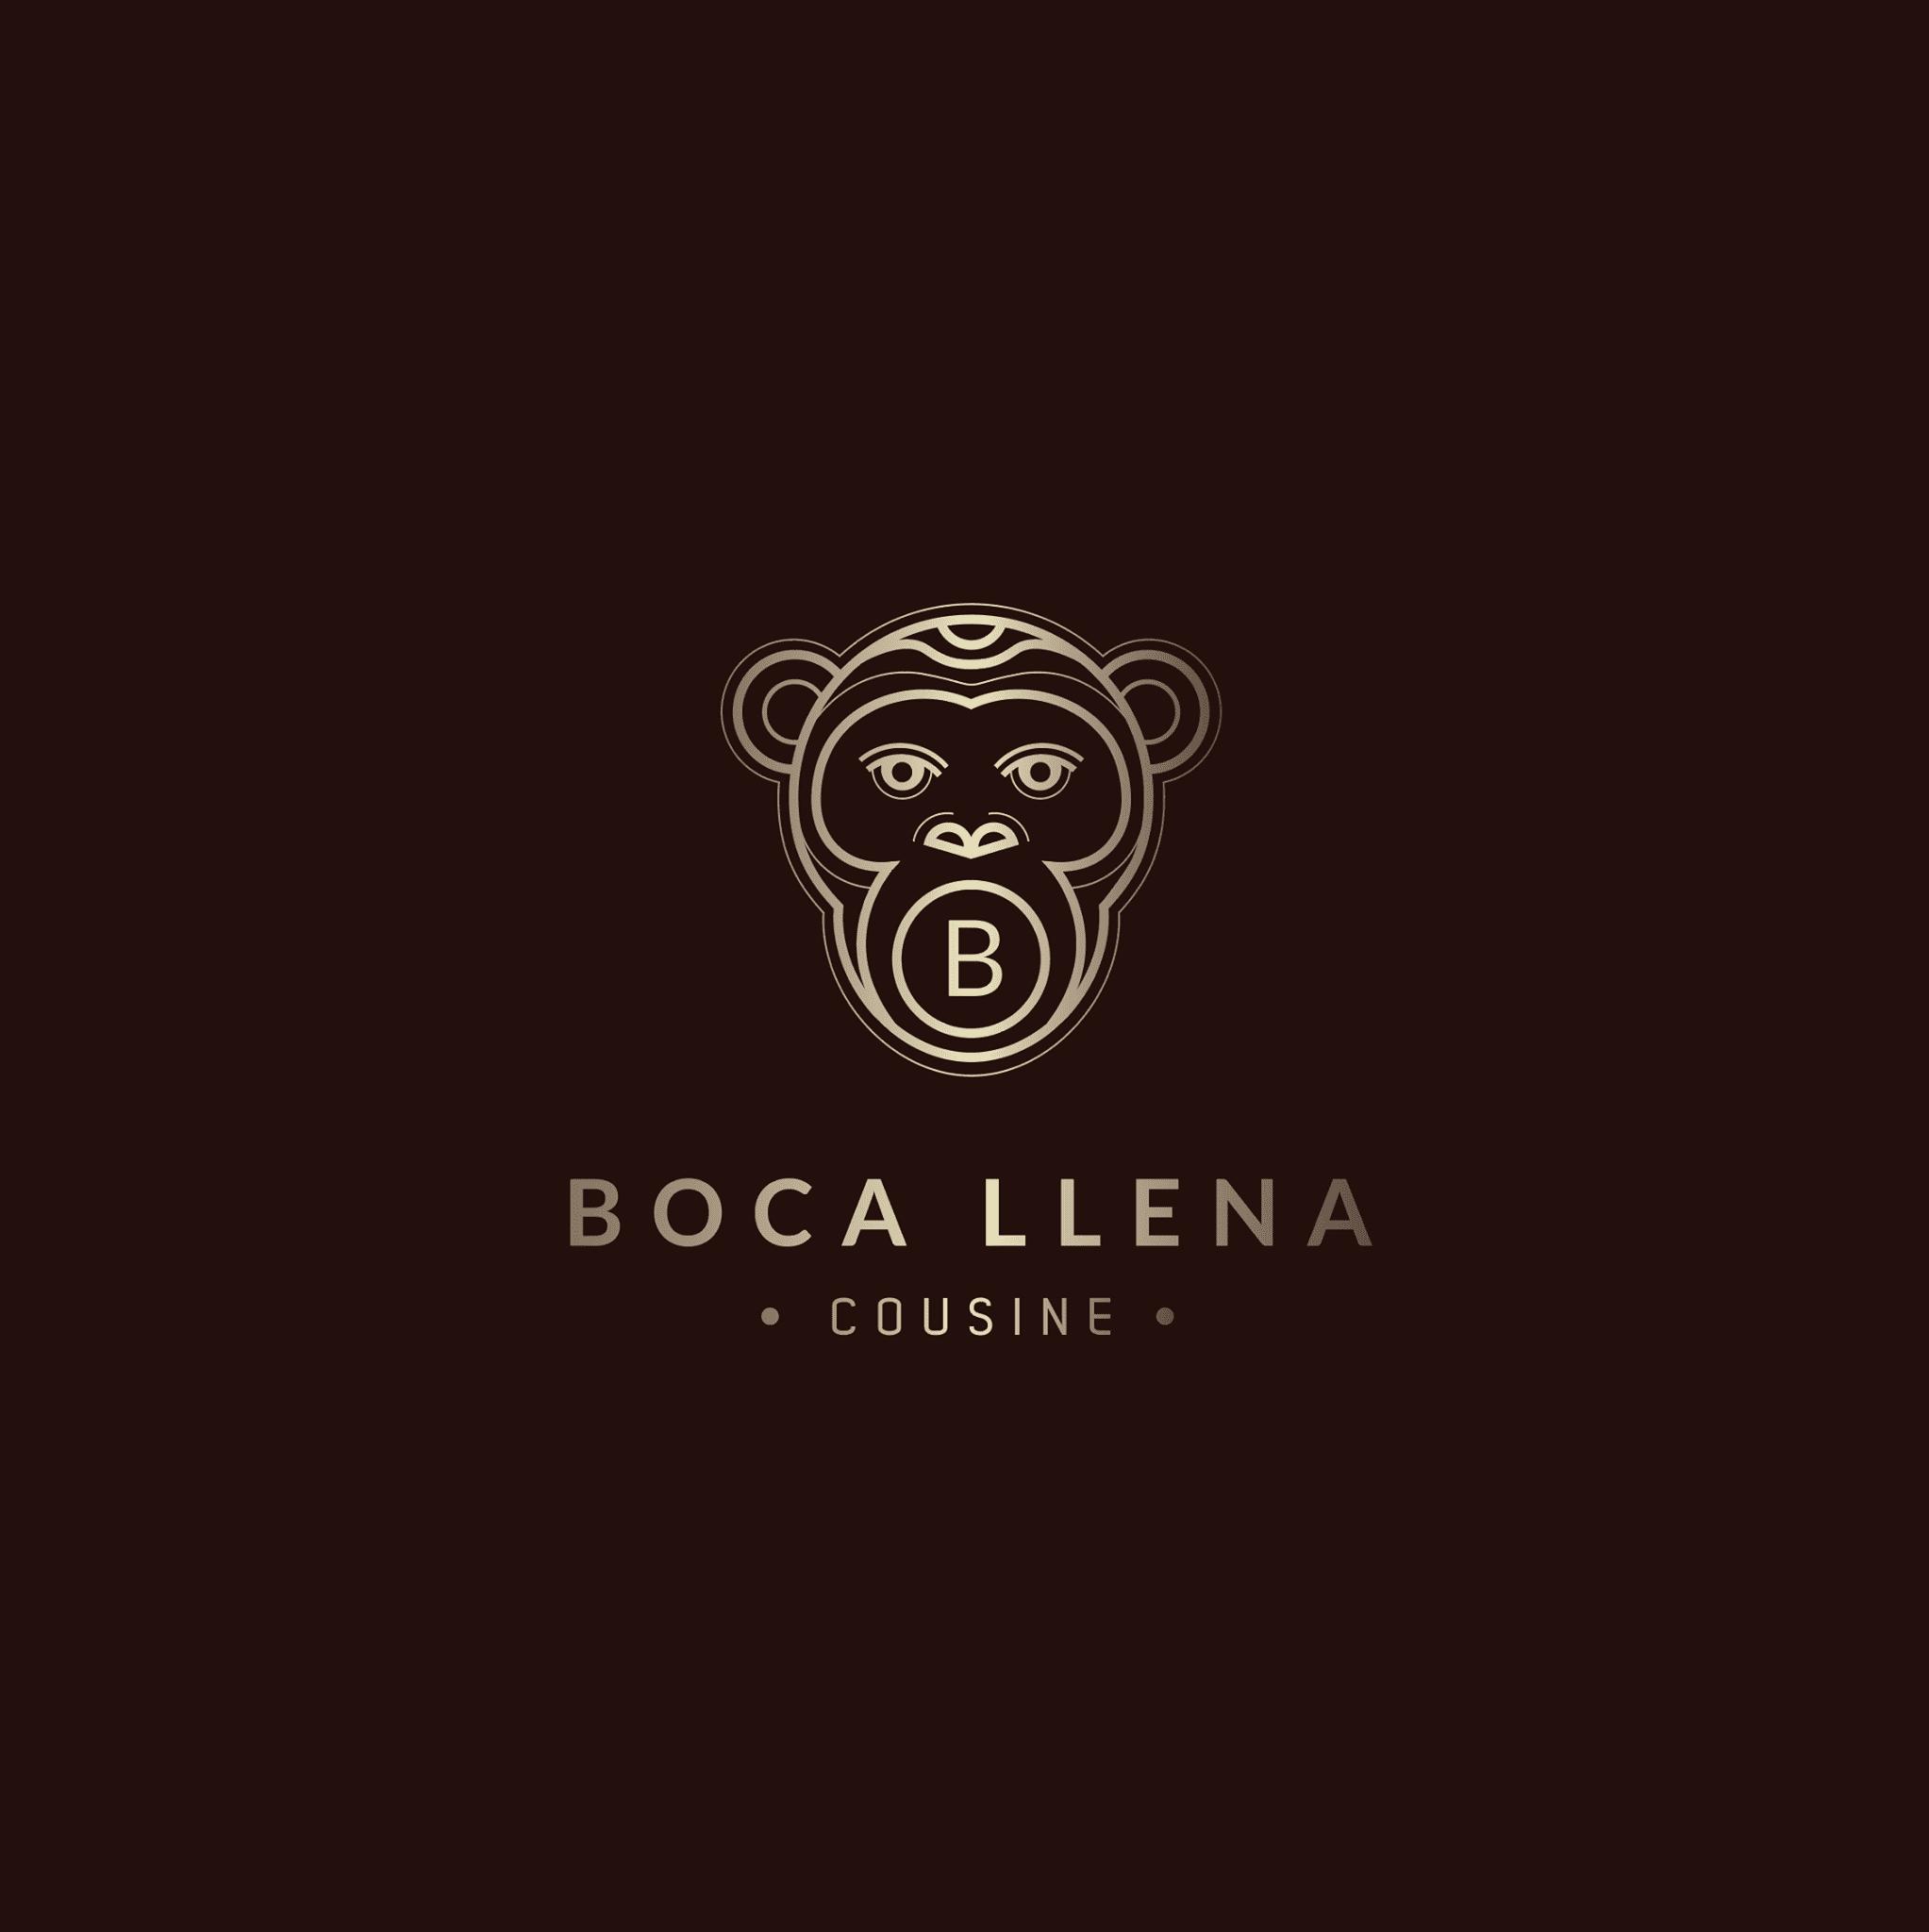 Diseño de logotipos originales para restaurantes